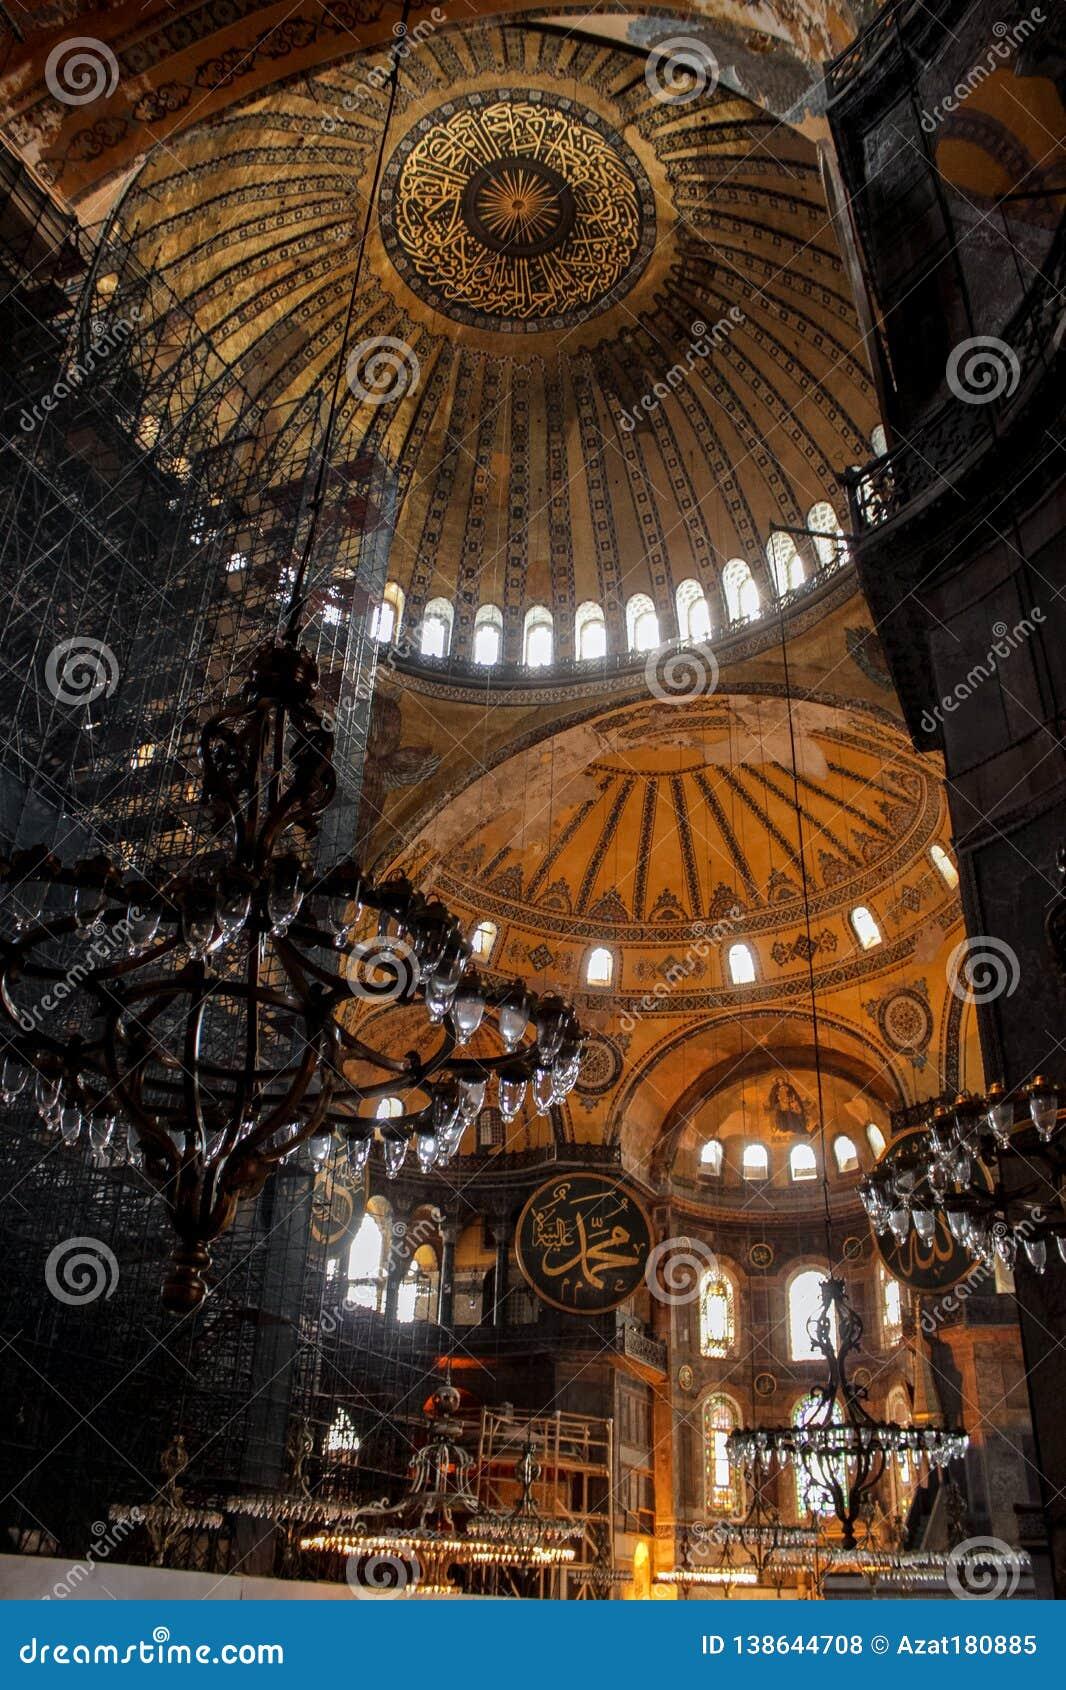 Istambul, Turquia Interior e exterior de Hagia Sophia